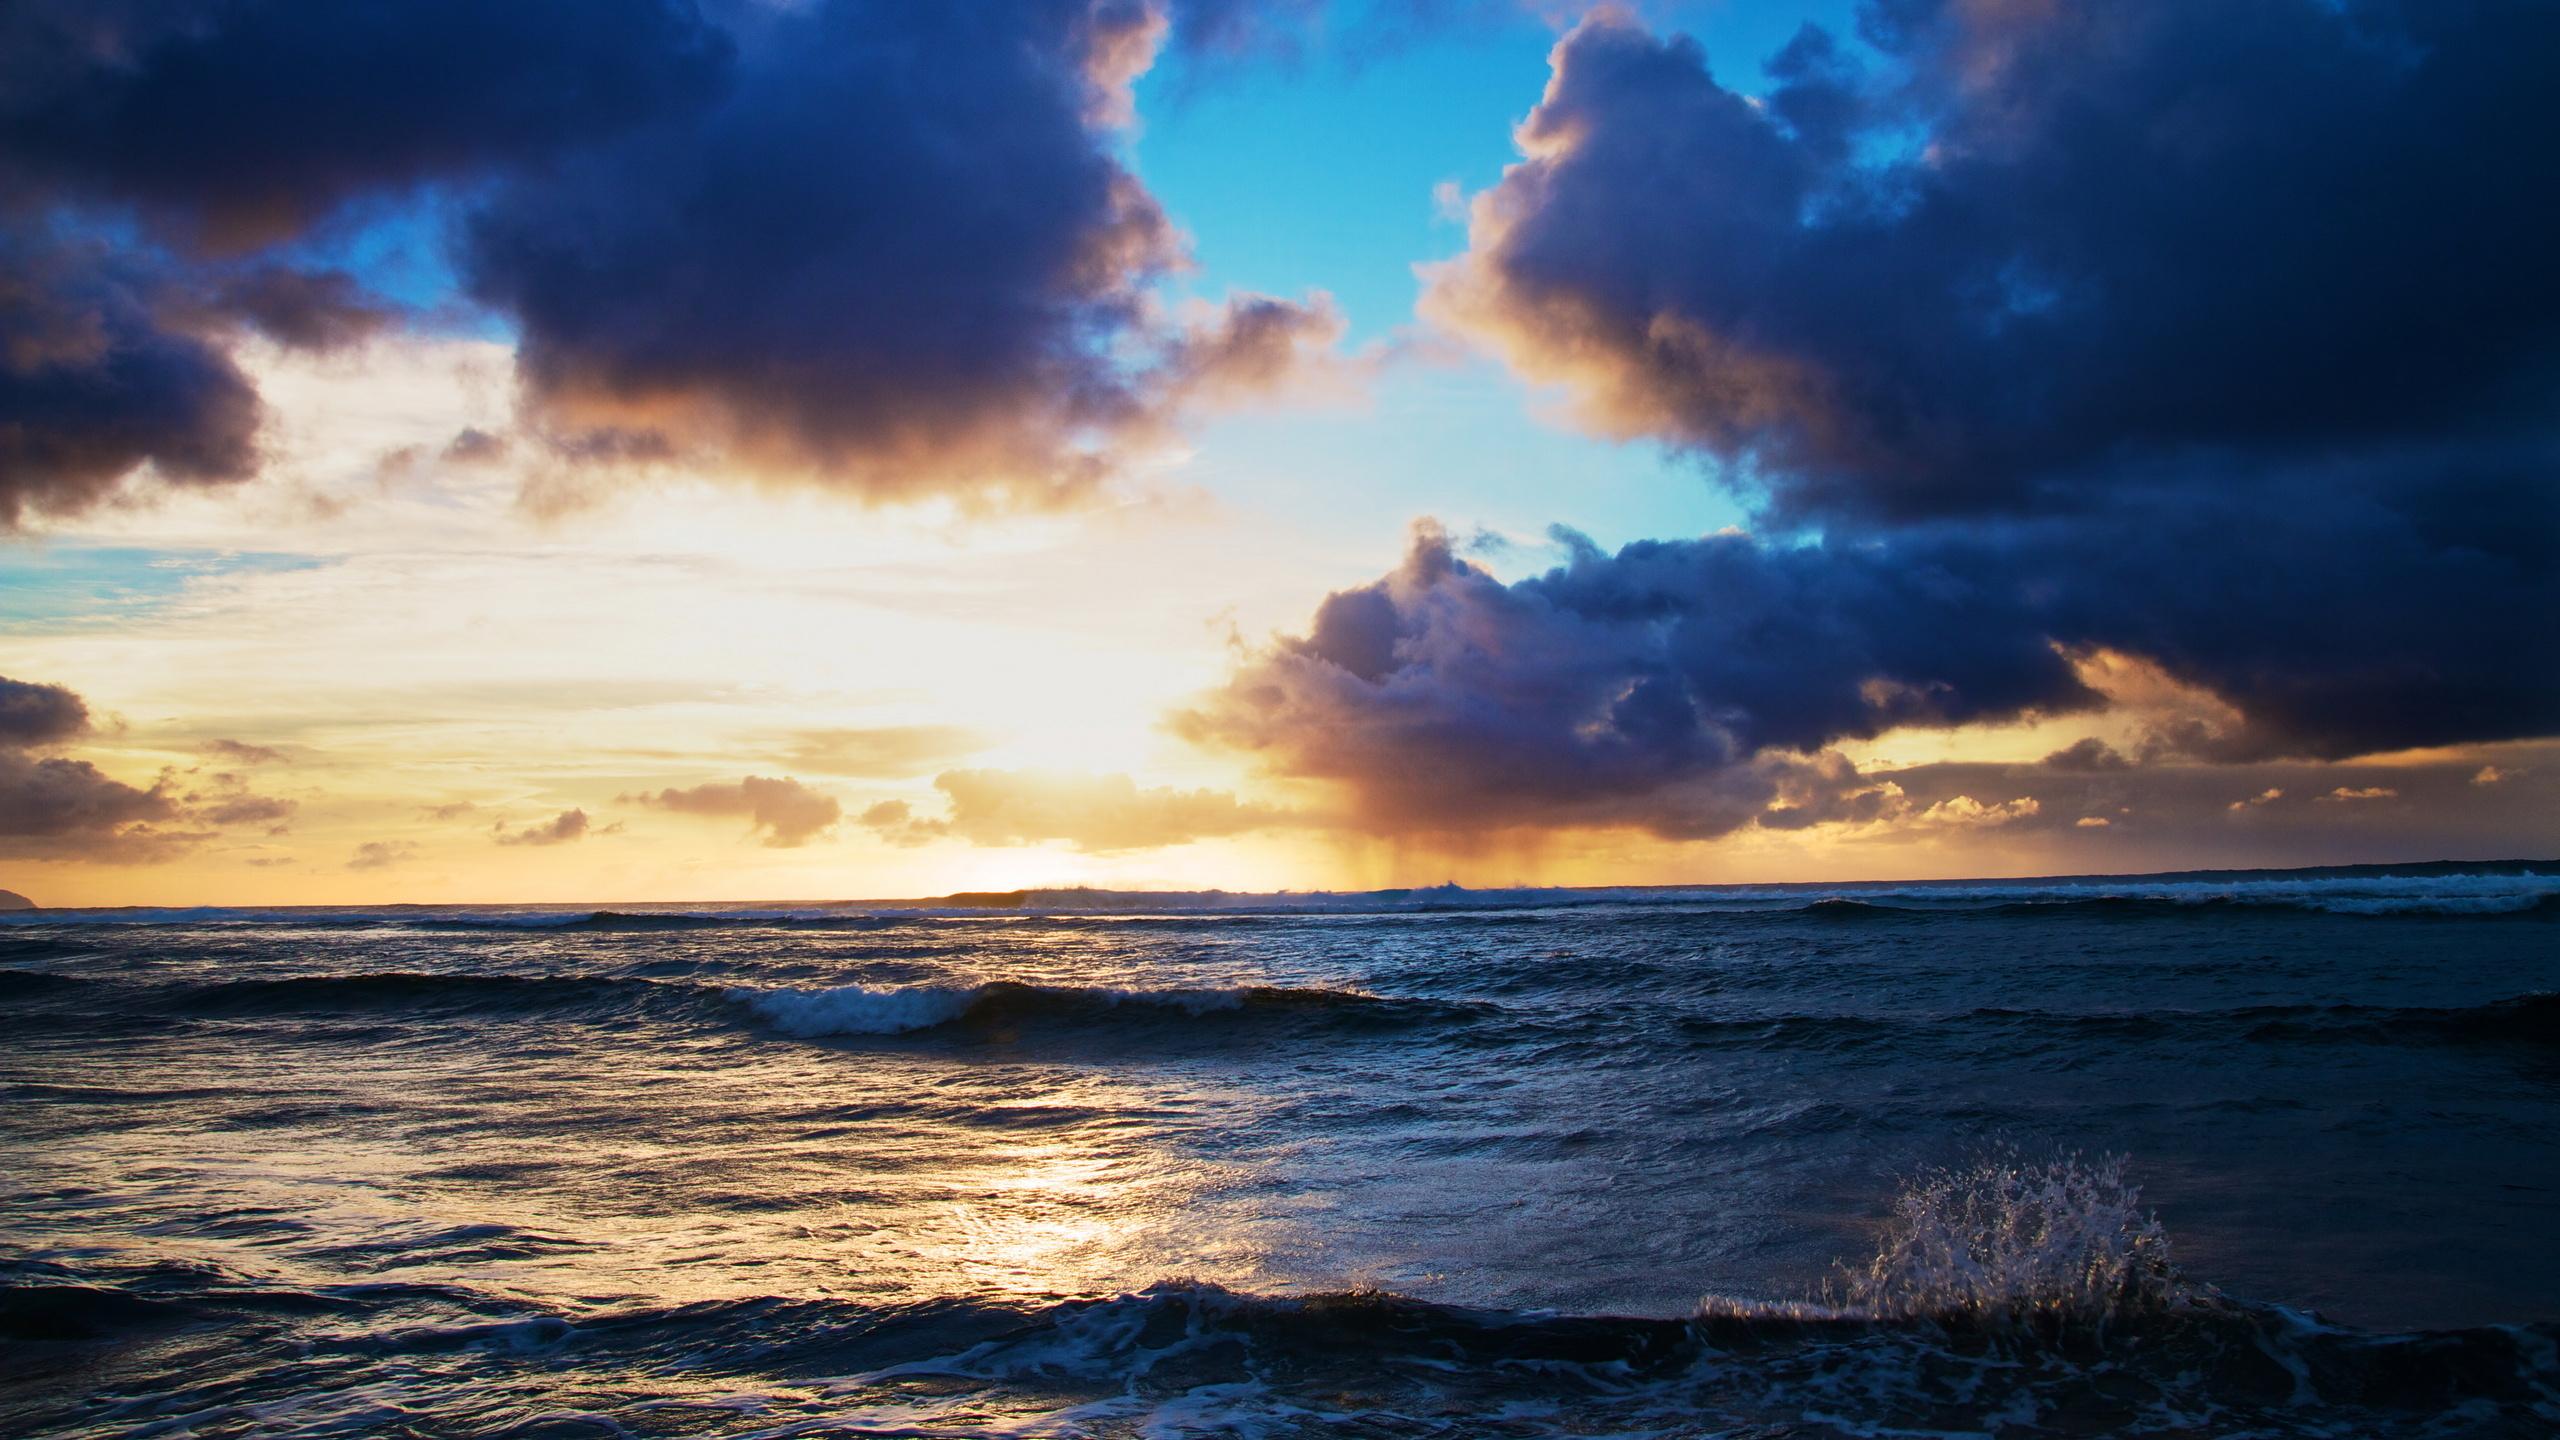 Hawaii Sunset wallpaper   1016721 2560x1440